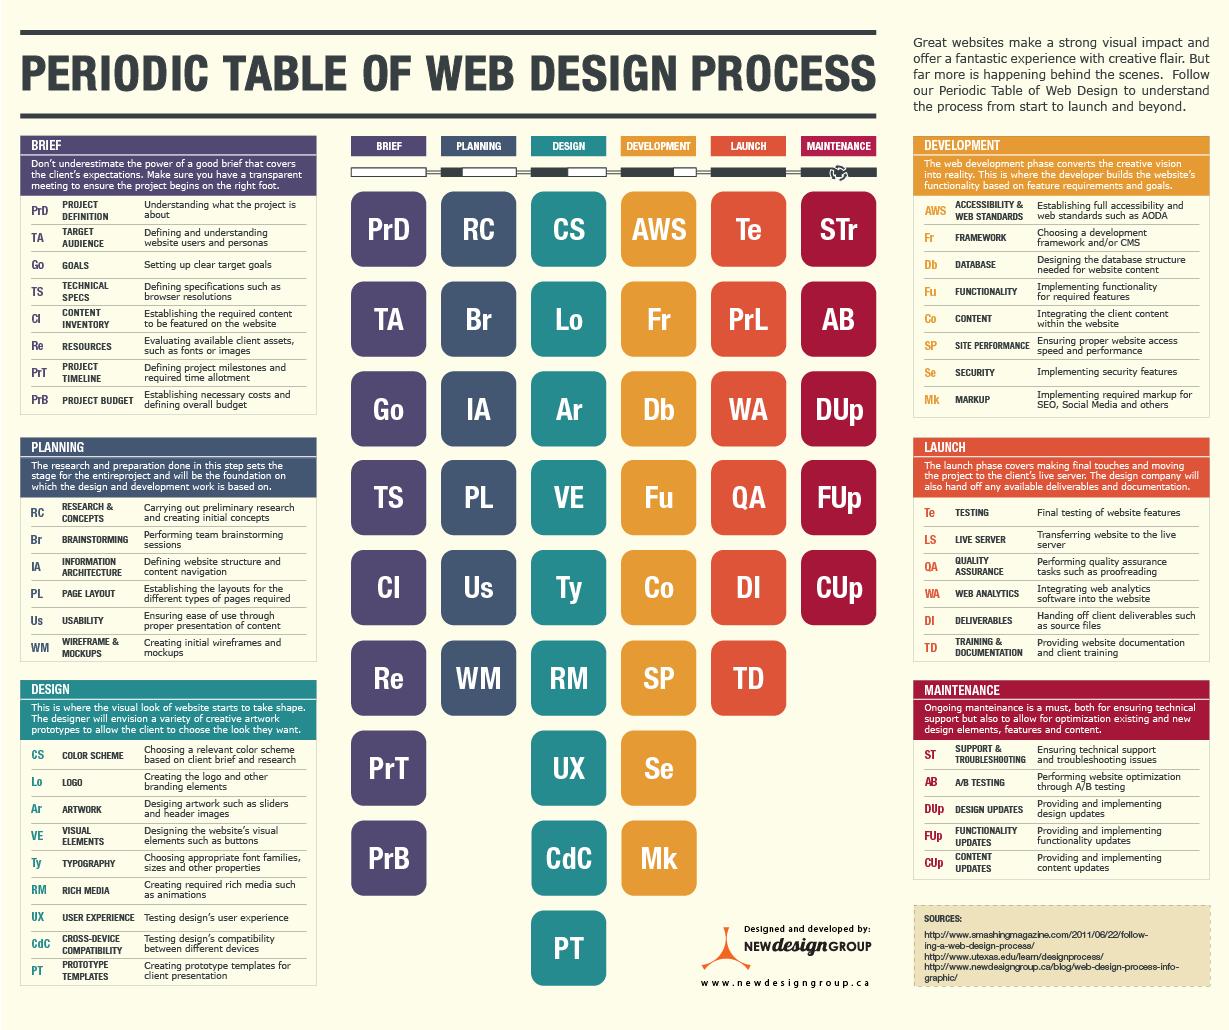 每一個元素,需要考慮在設計一個新的網站覆蓋。 你想向你的客戶解釋為什么你不能為他們提供一個新網站在一周內模型?只有經歷的所有步驟的項目簡短的和計劃階段——解釋獲得基本權利的重要性在你平面設計師開始工作。 也許你已經雇傭了一個令人難以置信的新圖形設計師已經可視化網站頁面沒有完全理解的客戶希望和預算限制——請參閱圖表有助于解釋為什么基本方面需要同意客戶端才能創造力上盡情發揮。 一旦每個人都知道網頁設計過程的復雜性和看到,當他們的貢獻是必需的,你所有的項目將更高